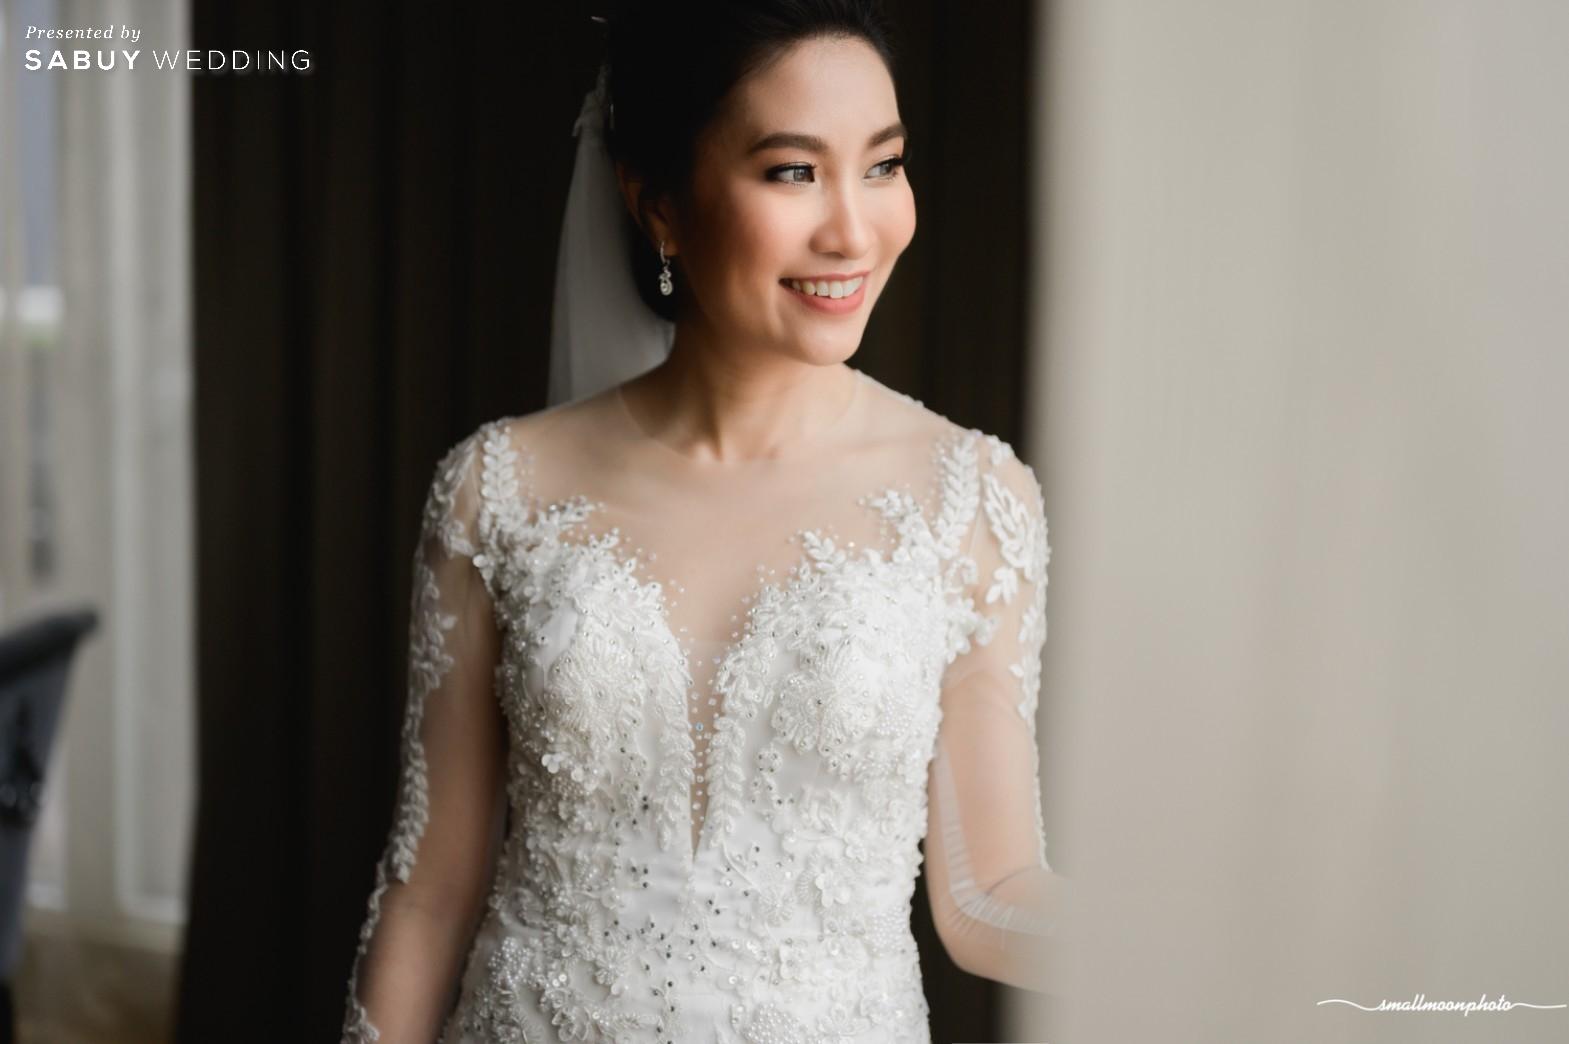 เจ้าสาว,ชุดแต่งงาน รีวิวงานแต่งแสนหวานกับคอนเซ็ปต์งานสไตล์ English Garden @ Sofitel Bangkok Sukhumvit